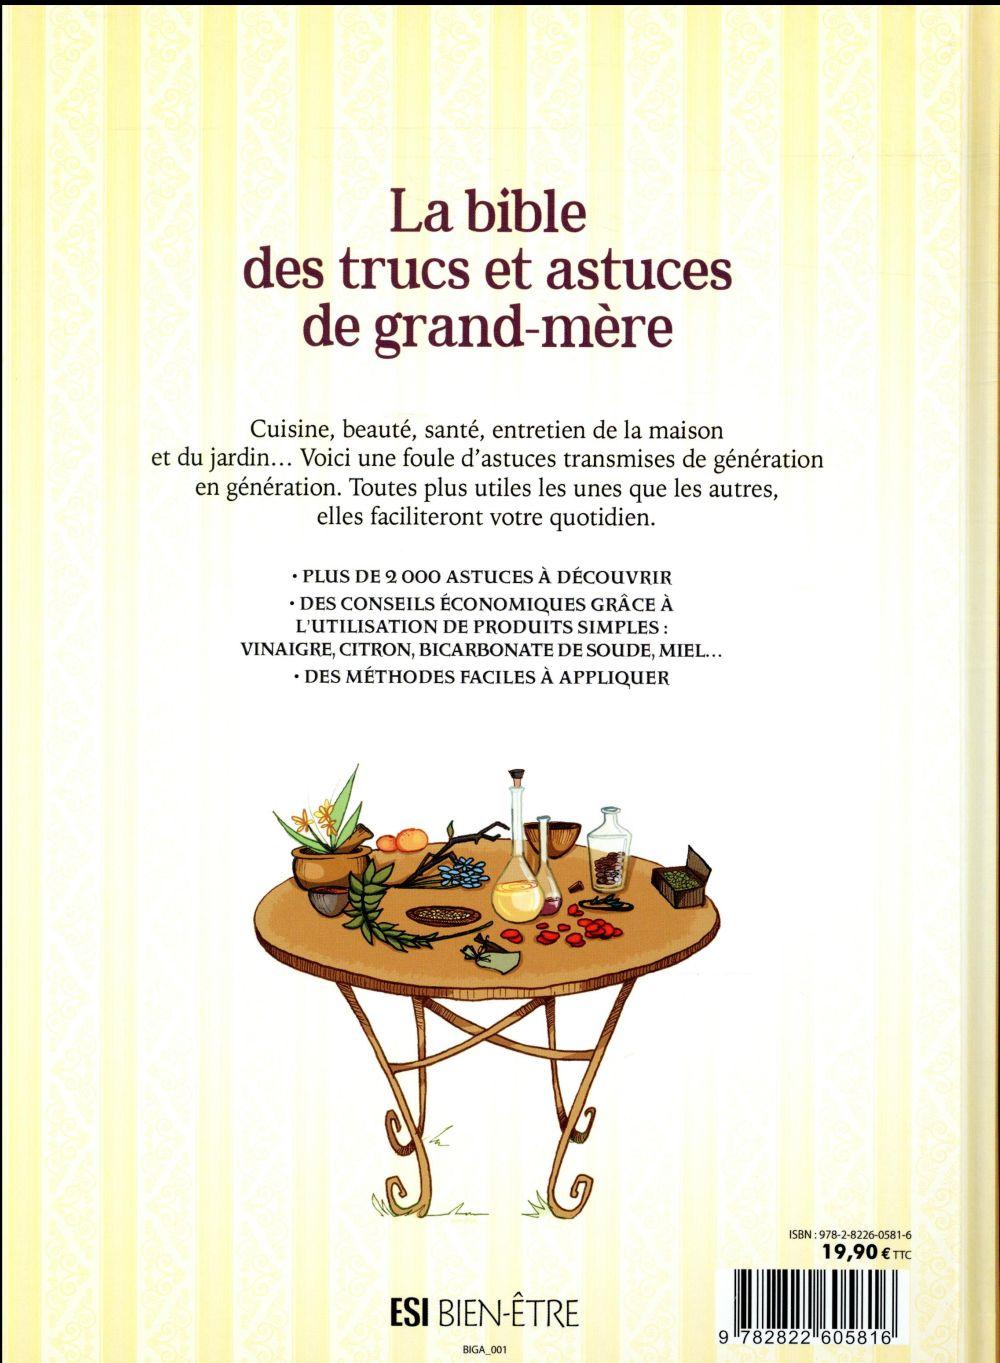 La bible des trucs et astuces de grand mère ; plus de 12 remèdes et  secrets   Collectif   Editions Esi   Grand format   Le Hall du Livre NANCY